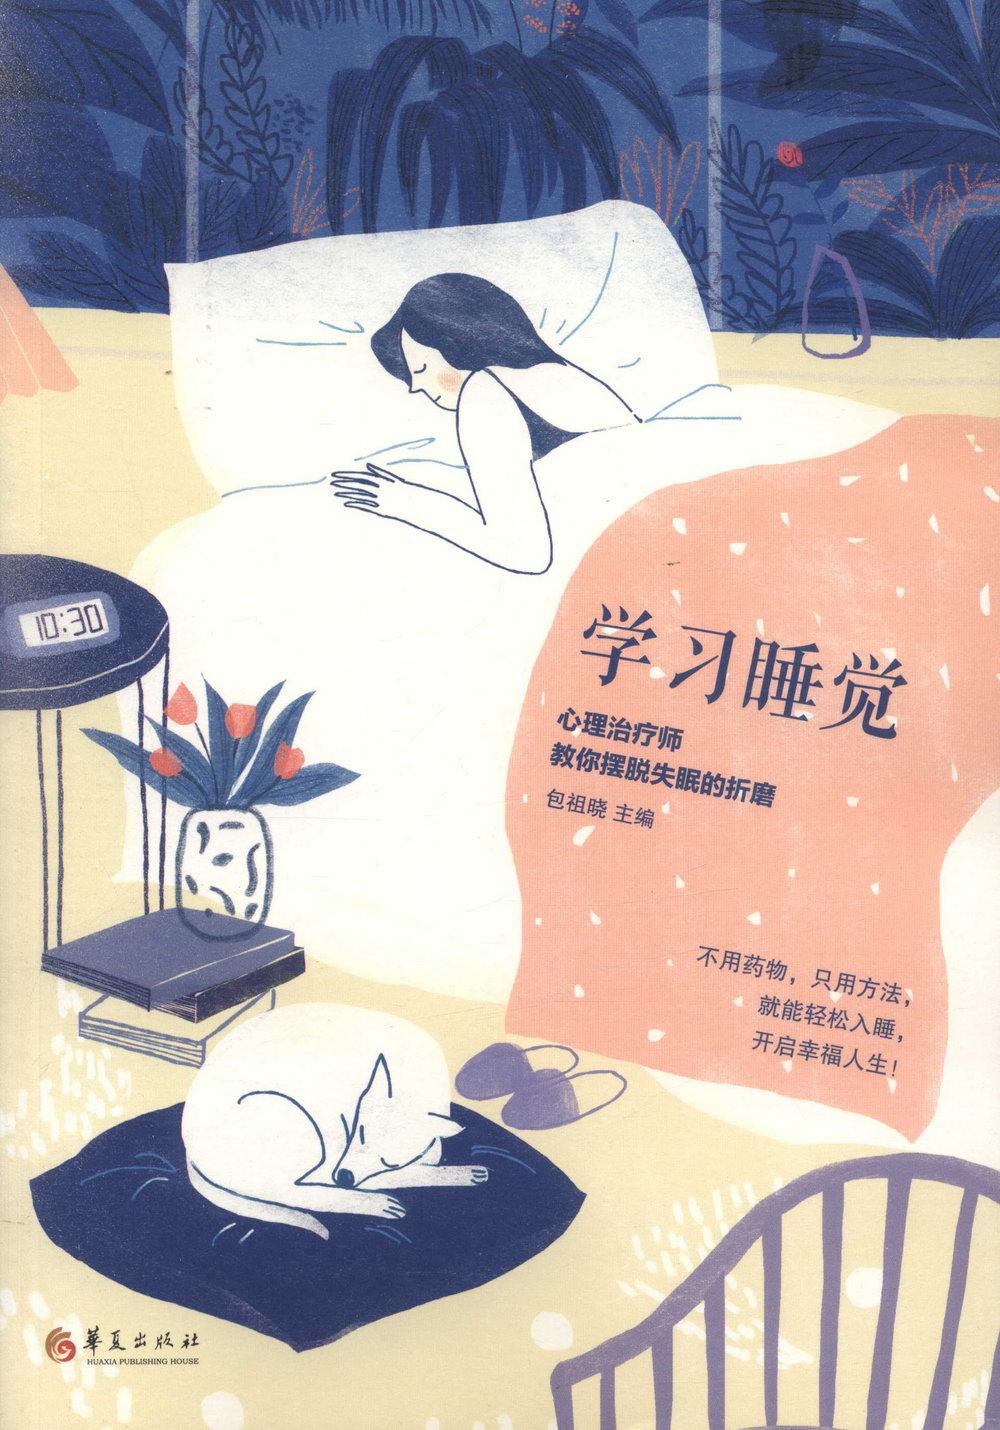 學習睡覺:心理治療師教你擺脫失眠的折磨